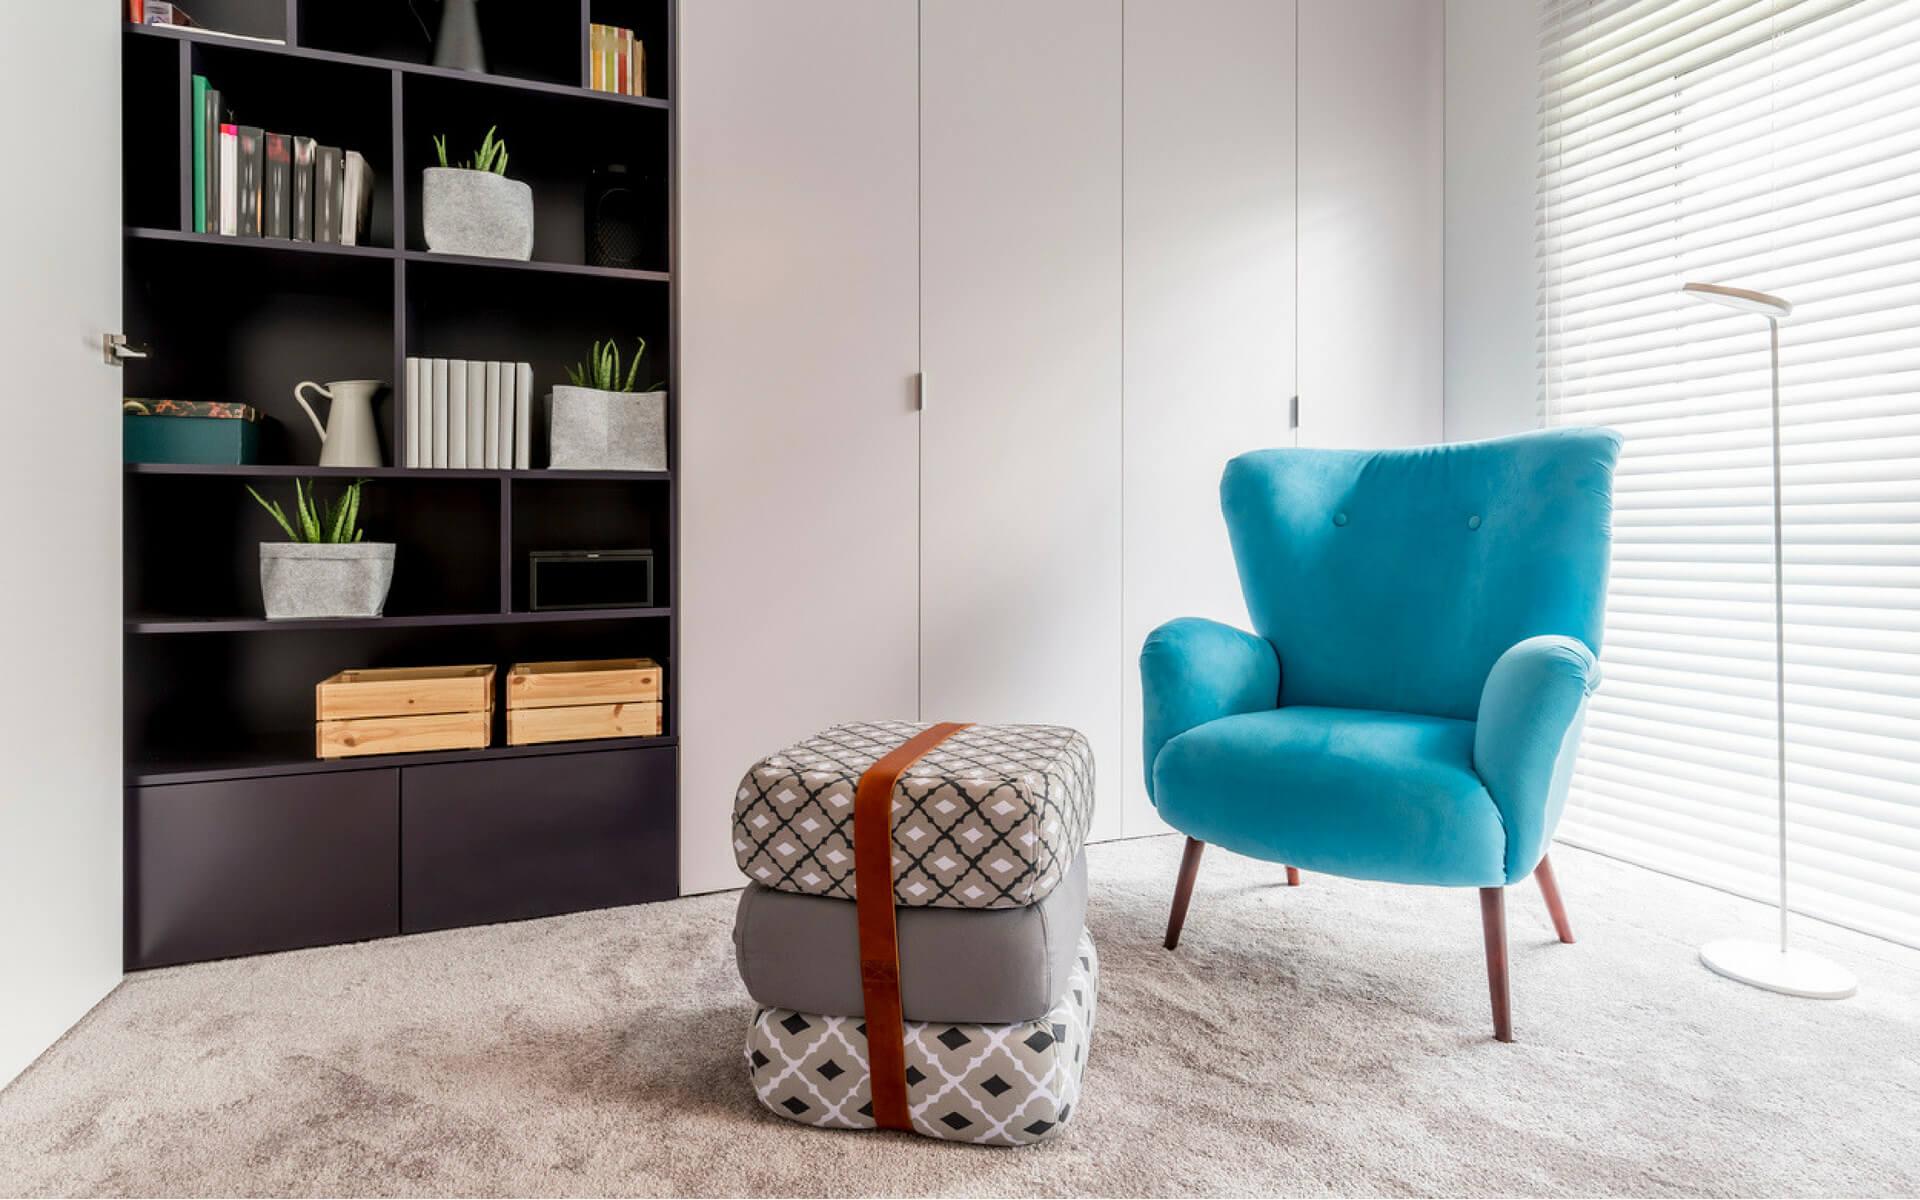 Consigli utili per creare e arredare un angolo lettura in casa